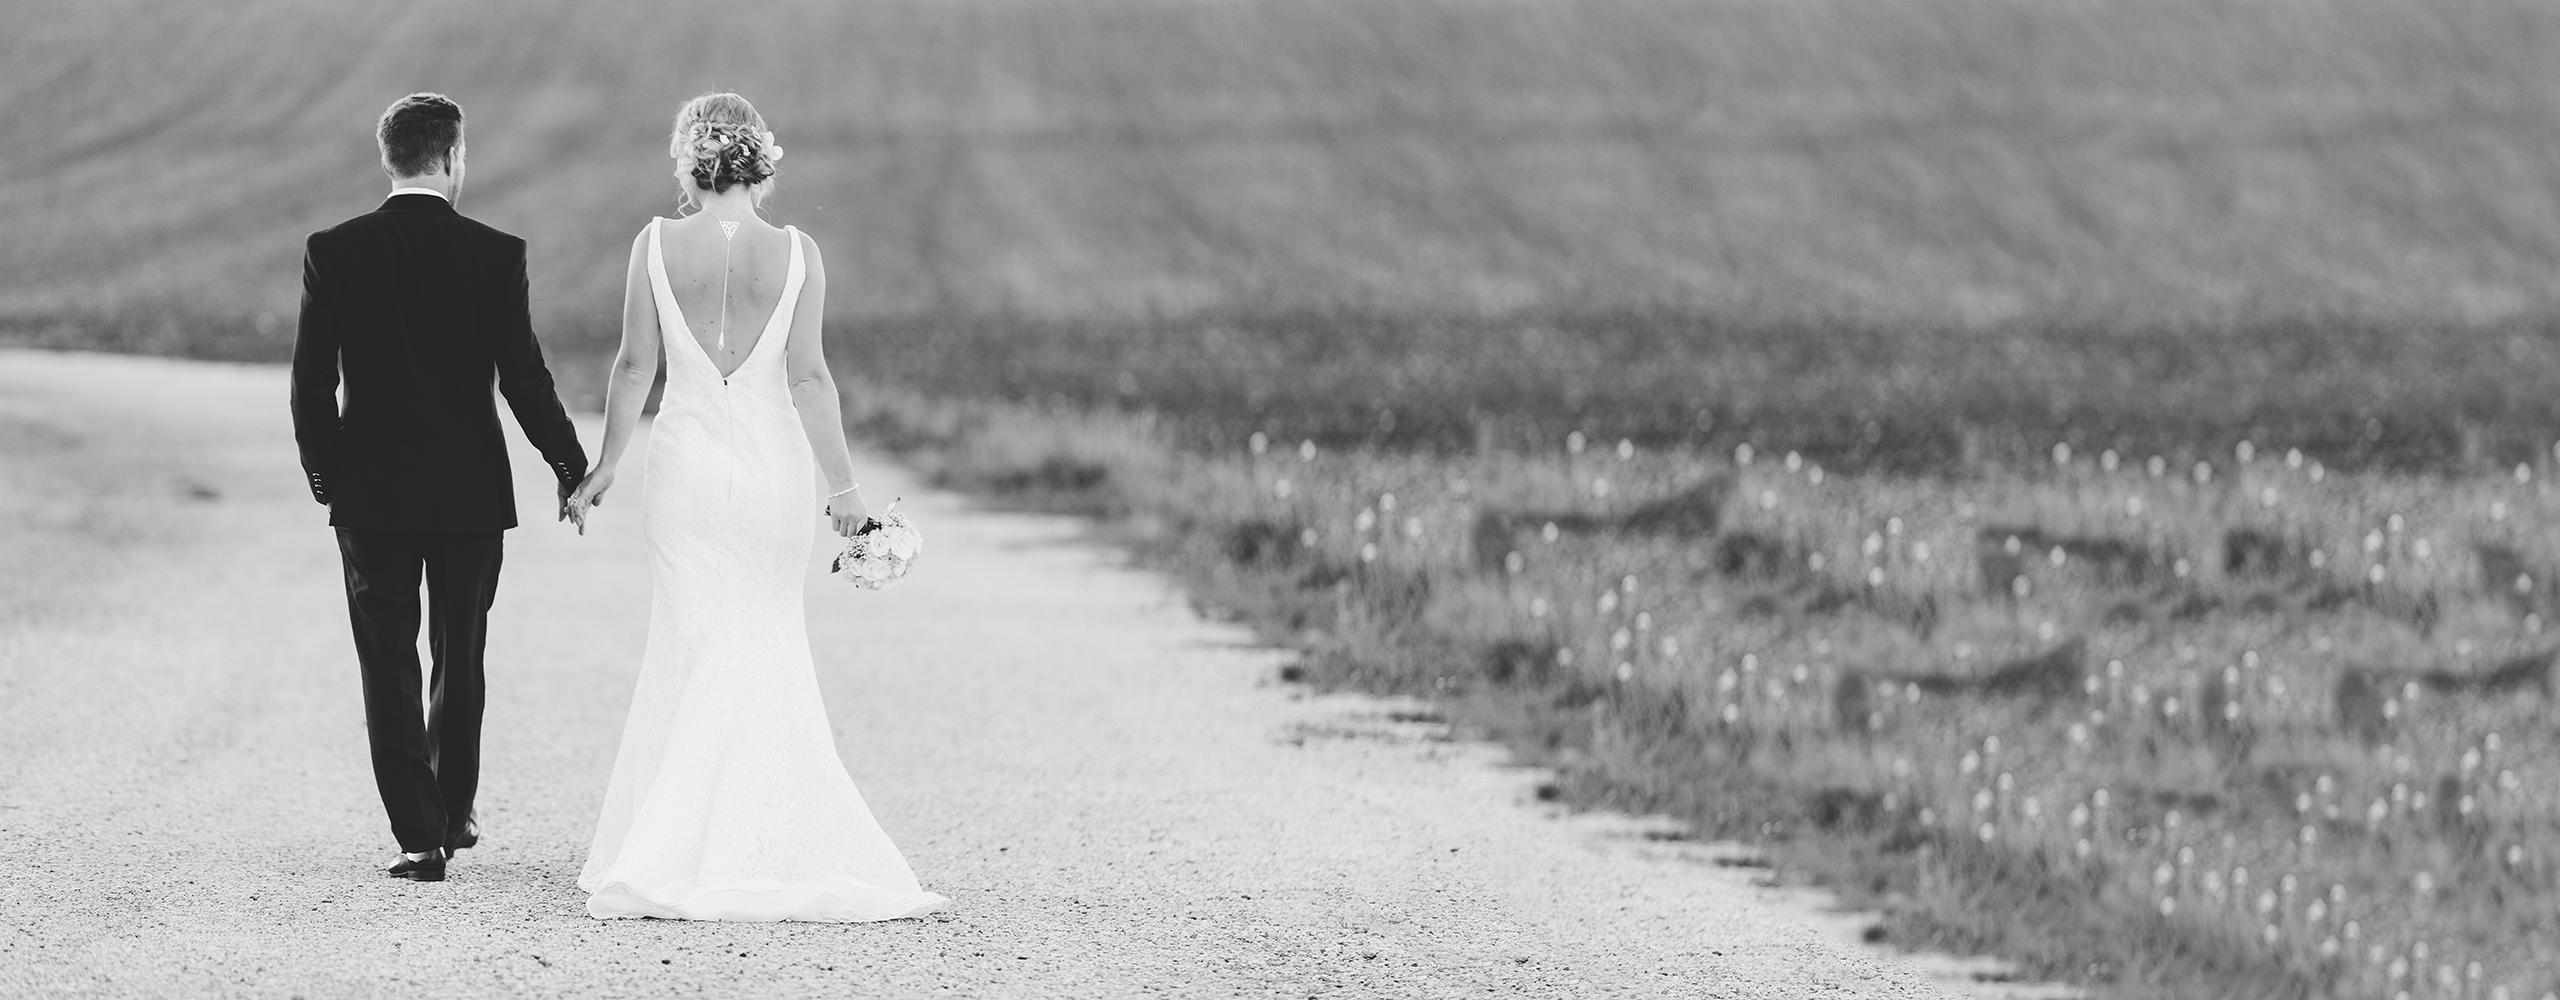 photographe de mariage genve nyon lausanne montreux vaud - Photographe Mariage Geneve